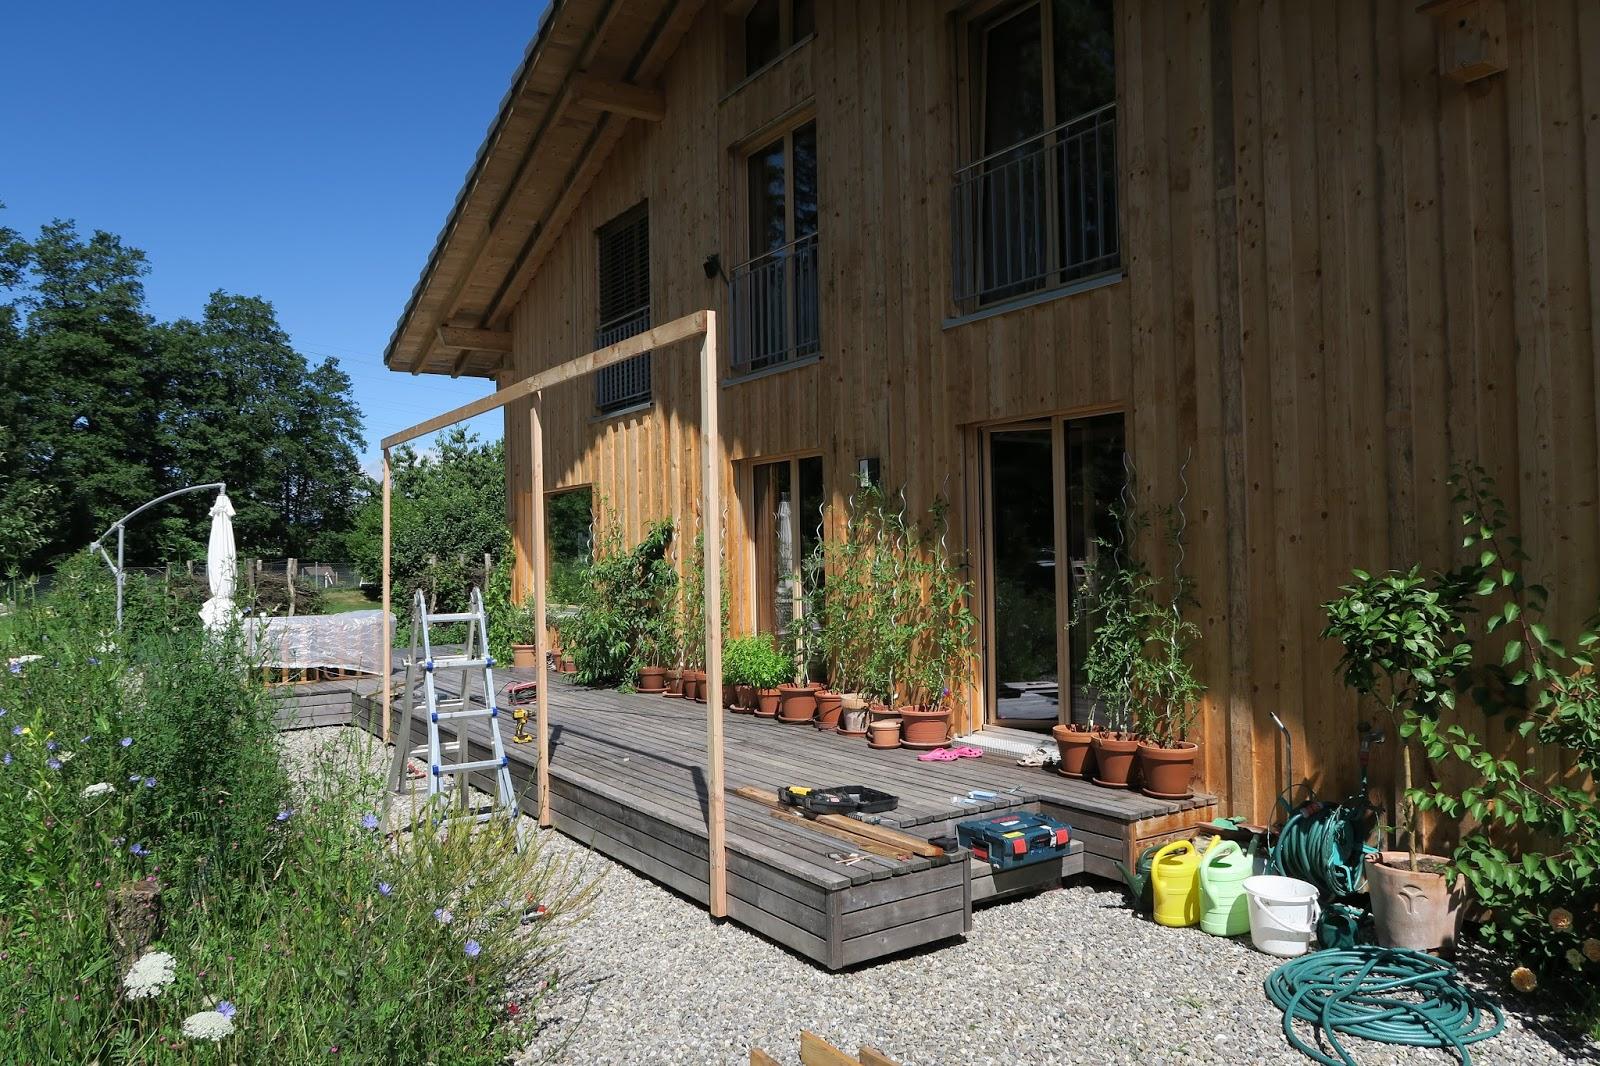 haus mit veranda bauen der sonnensegel beige beste sonnensegel fr balkon und terrasse selber. Black Bedroom Furniture Sets. Home Design Ideas